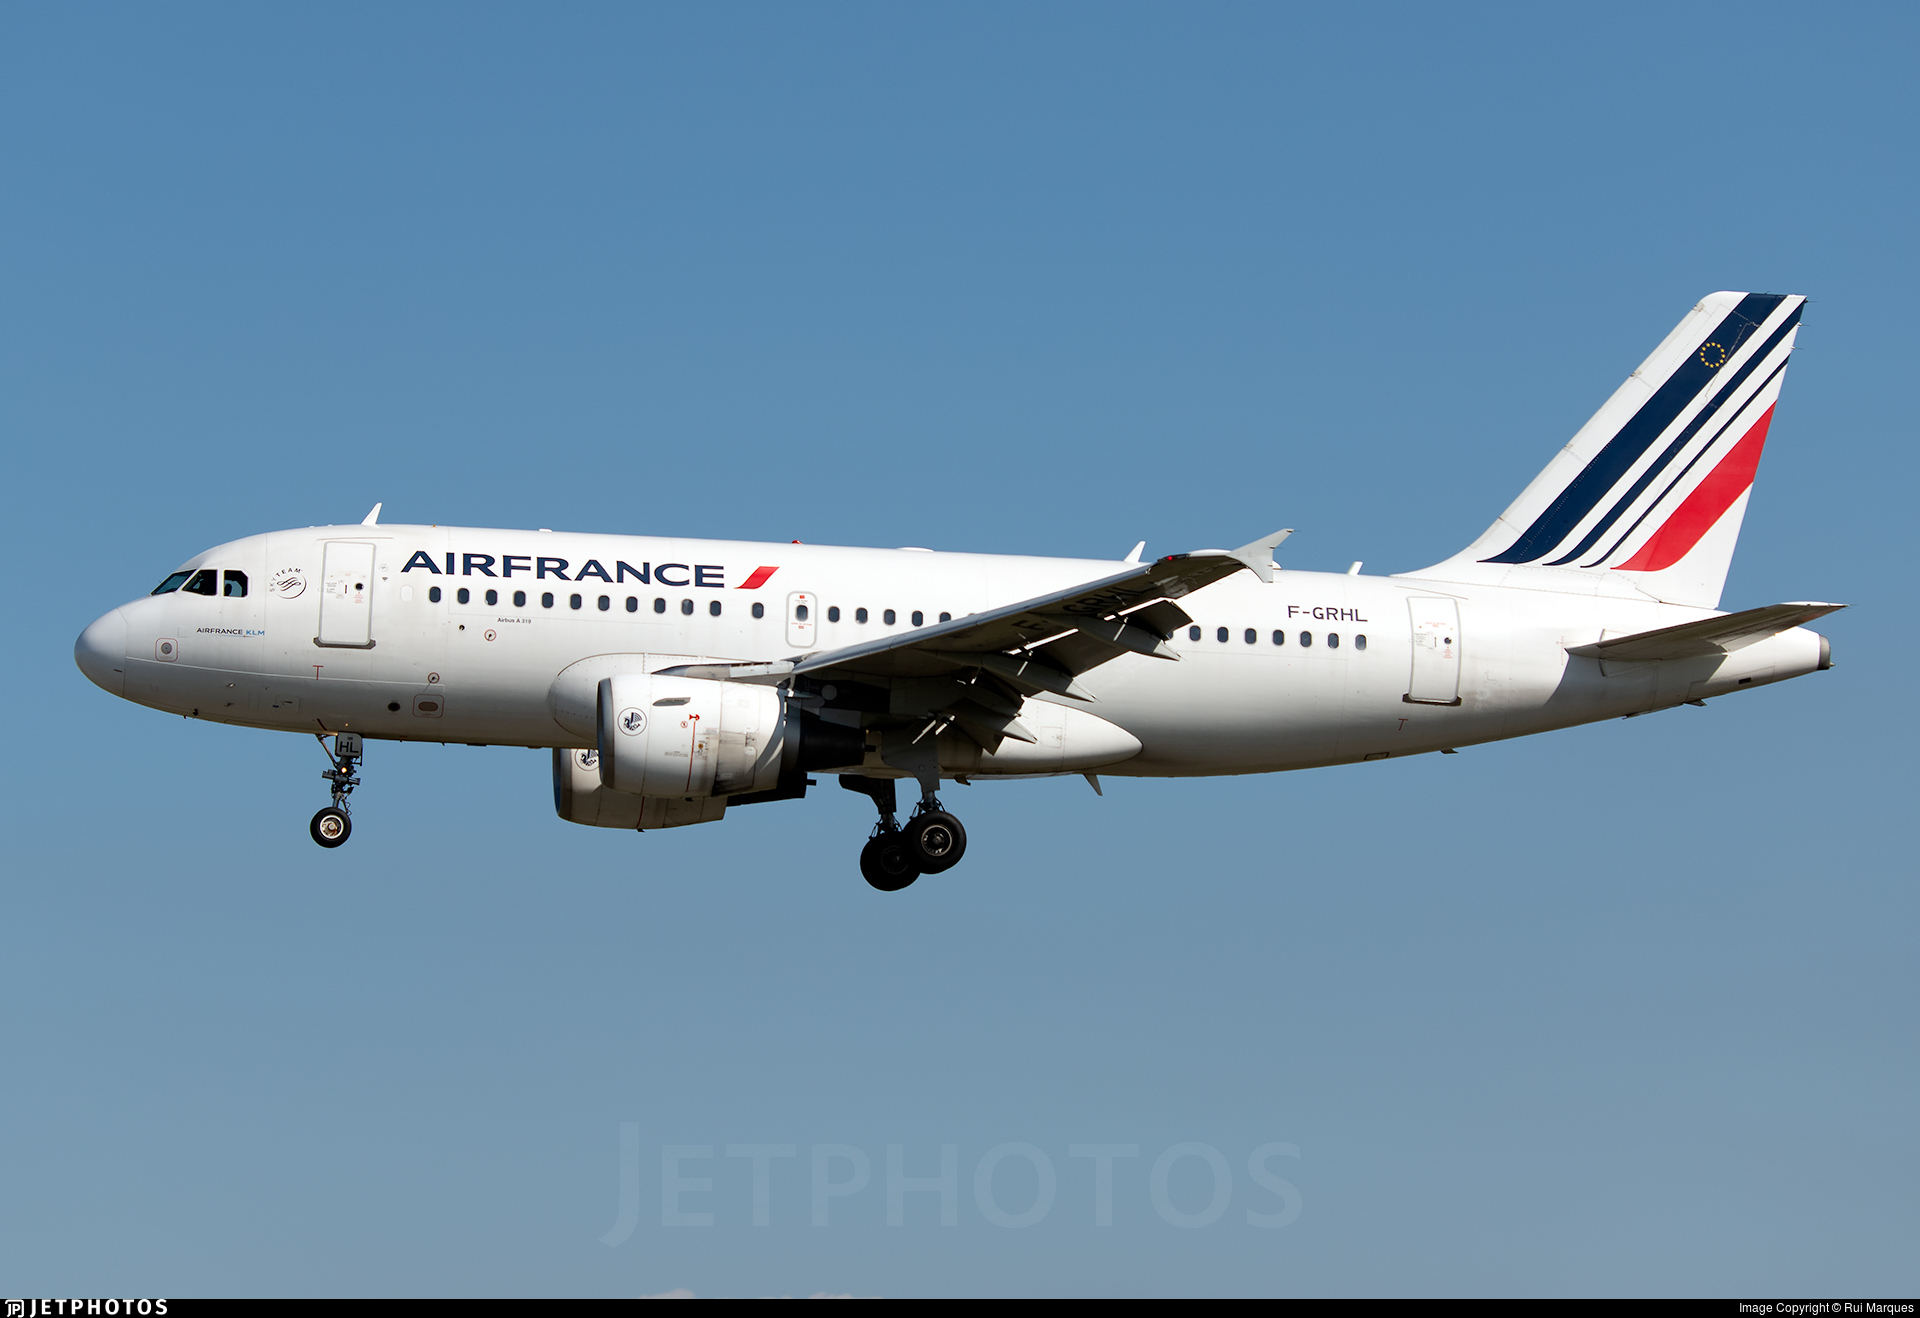 F-GRHL - Airbus A319-111 - Air France